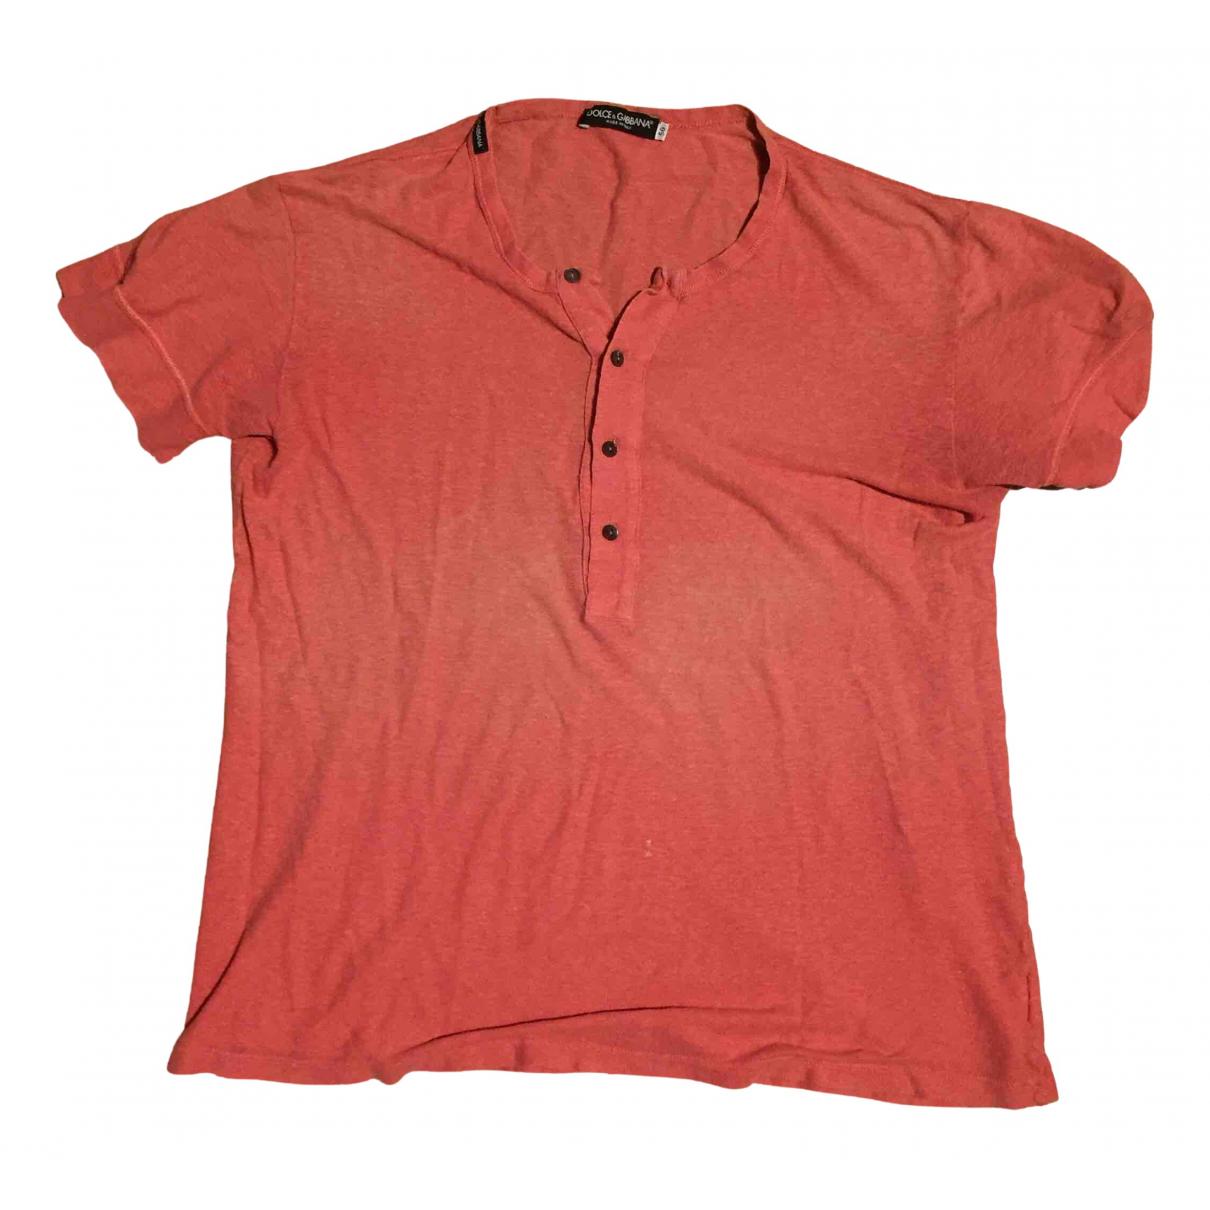 Dolce & Gabbana - Tee shirts   pour homme en coton - orange